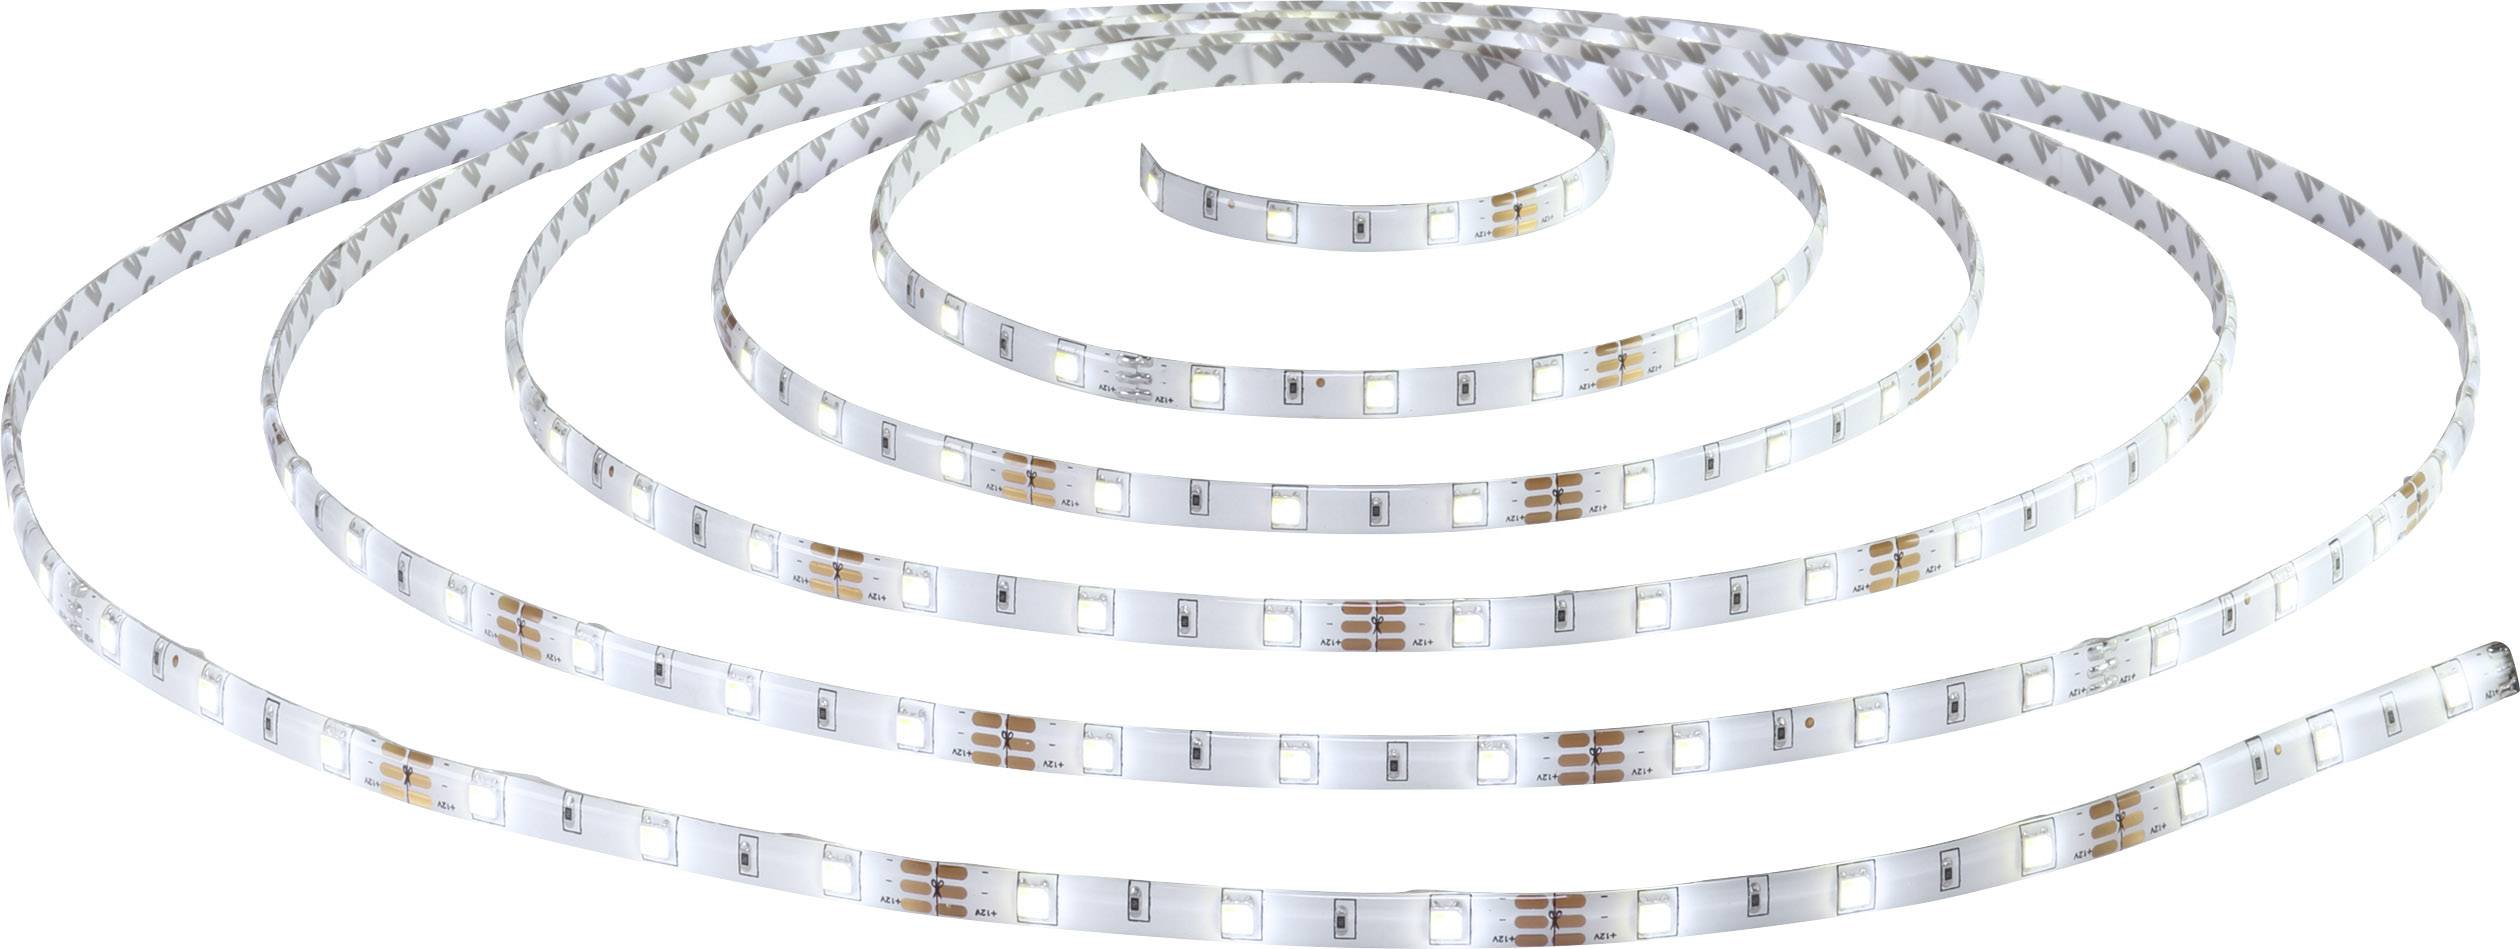 Kompletní sada LED pásků Polarlite 12 V/DC, 24 W, studená bílá, teplá bílá, 500 cm